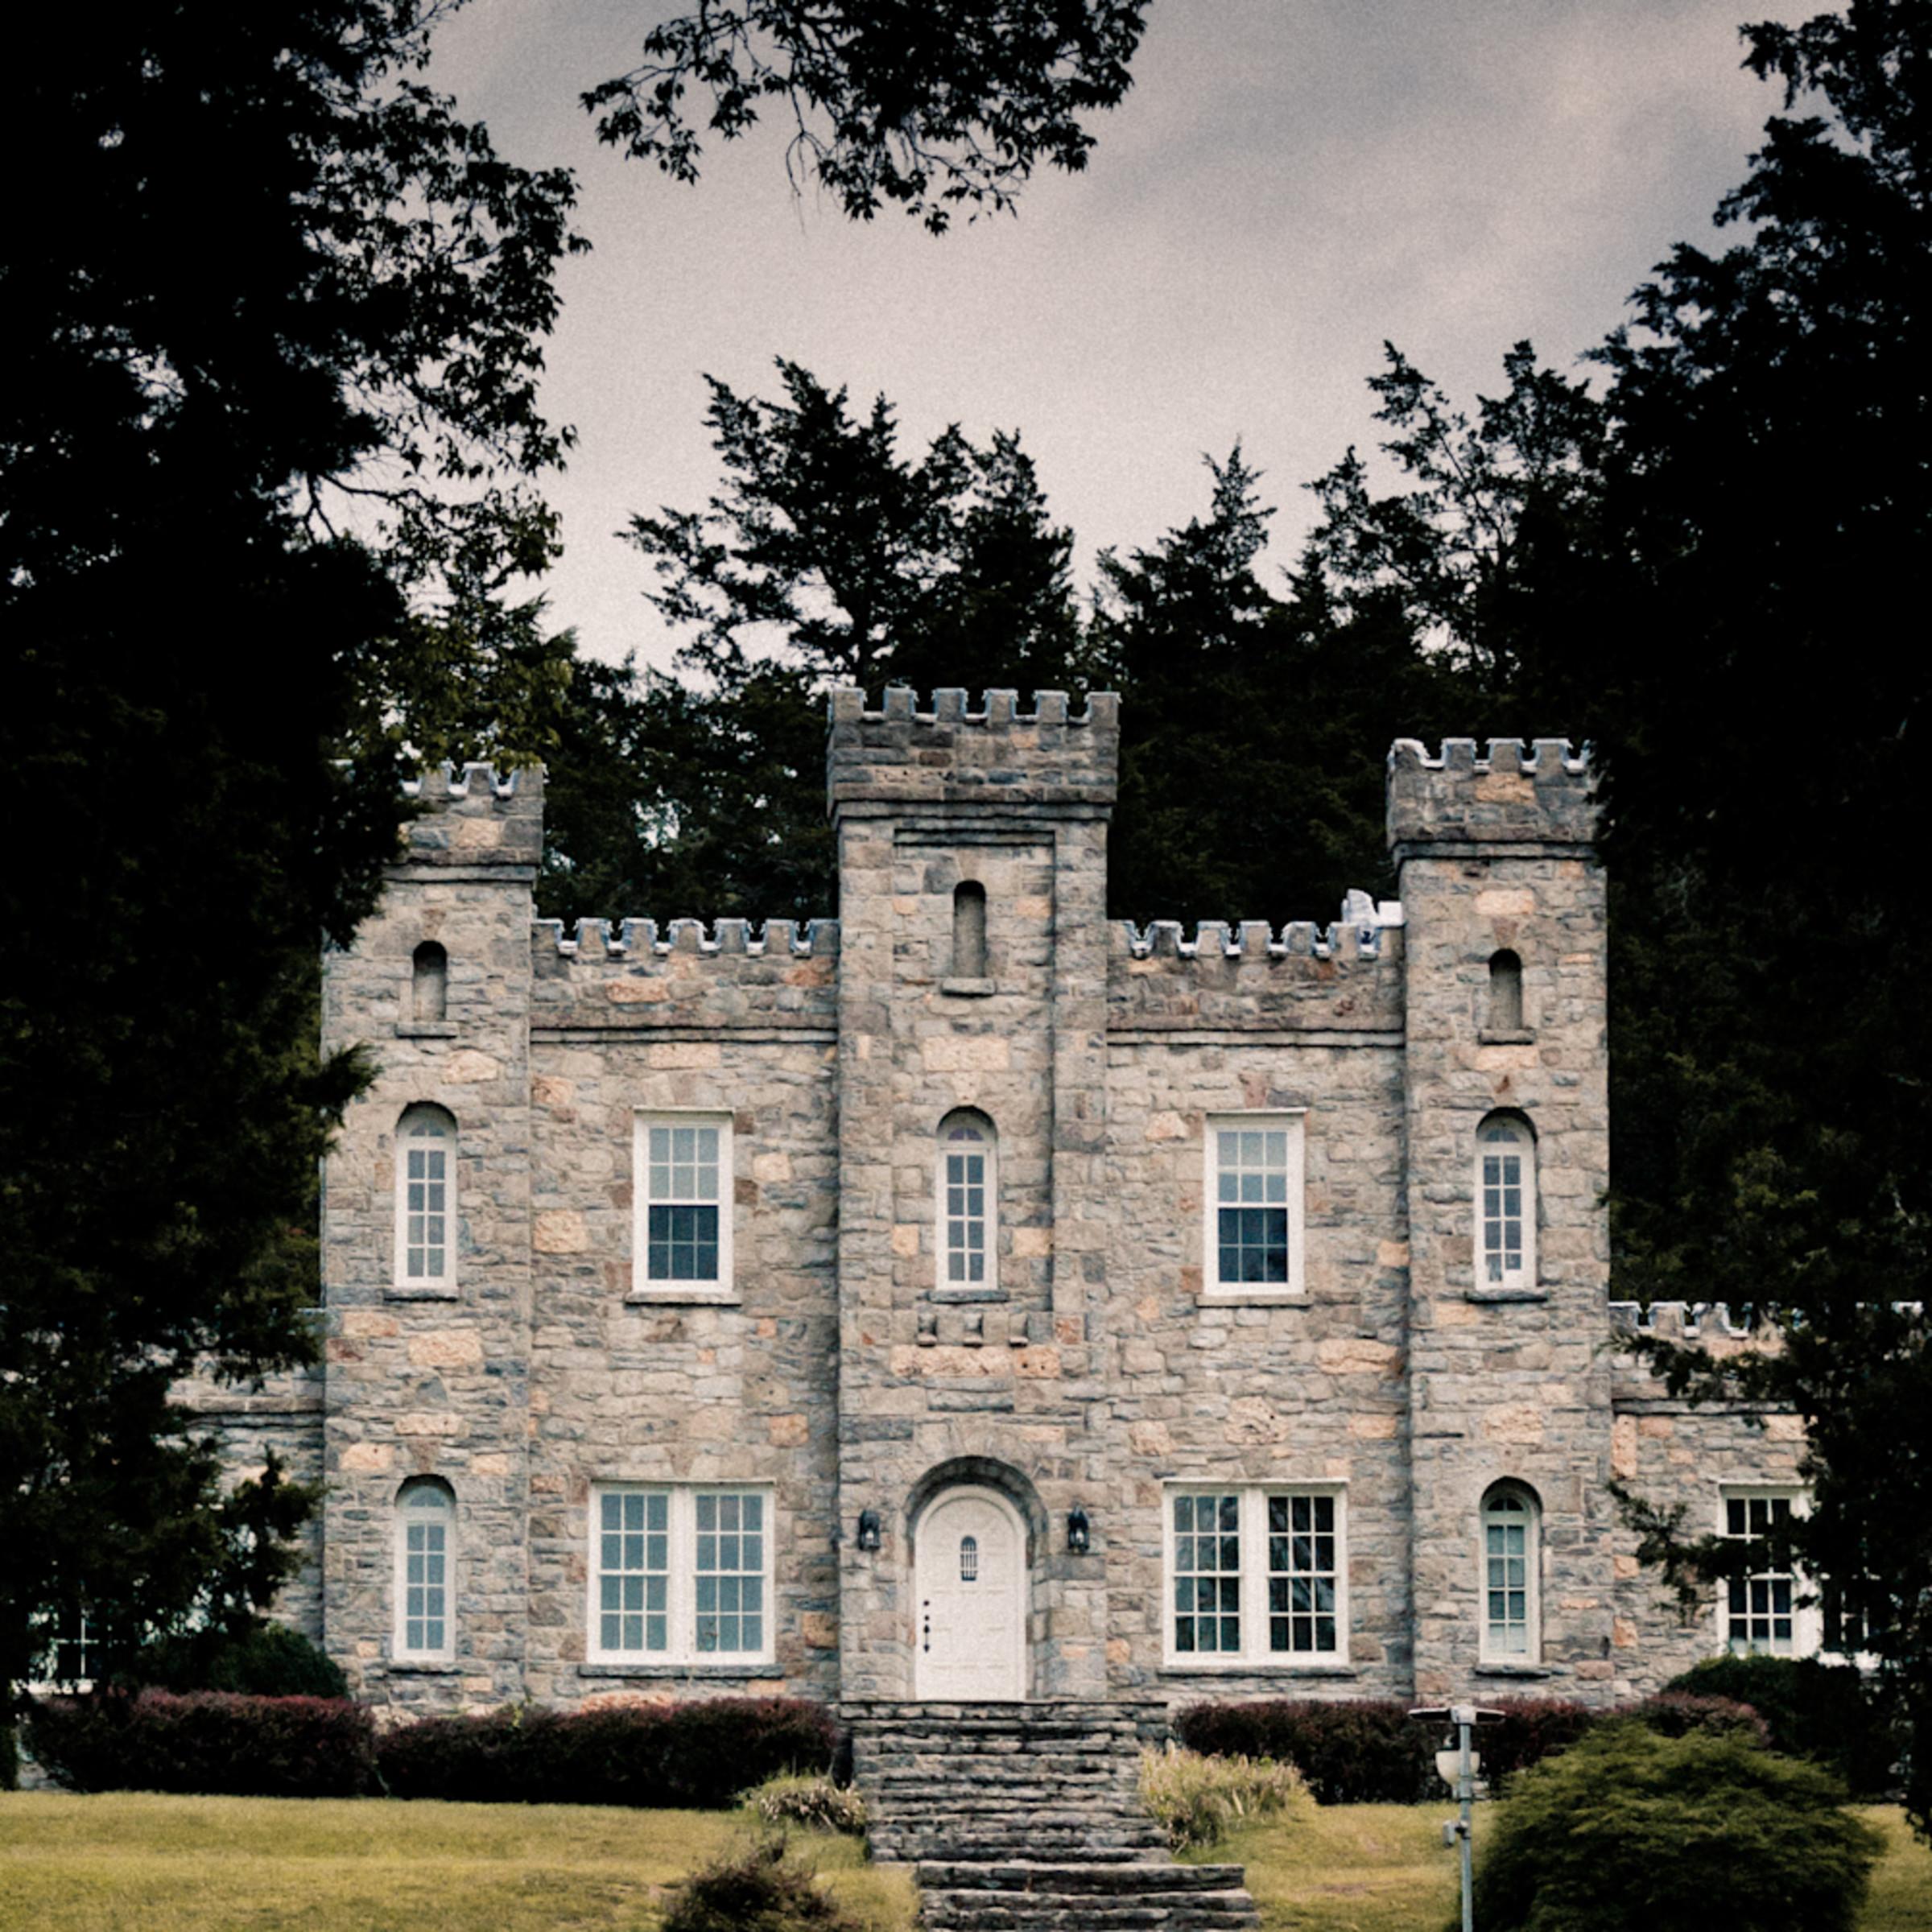 Castle tjzdtn